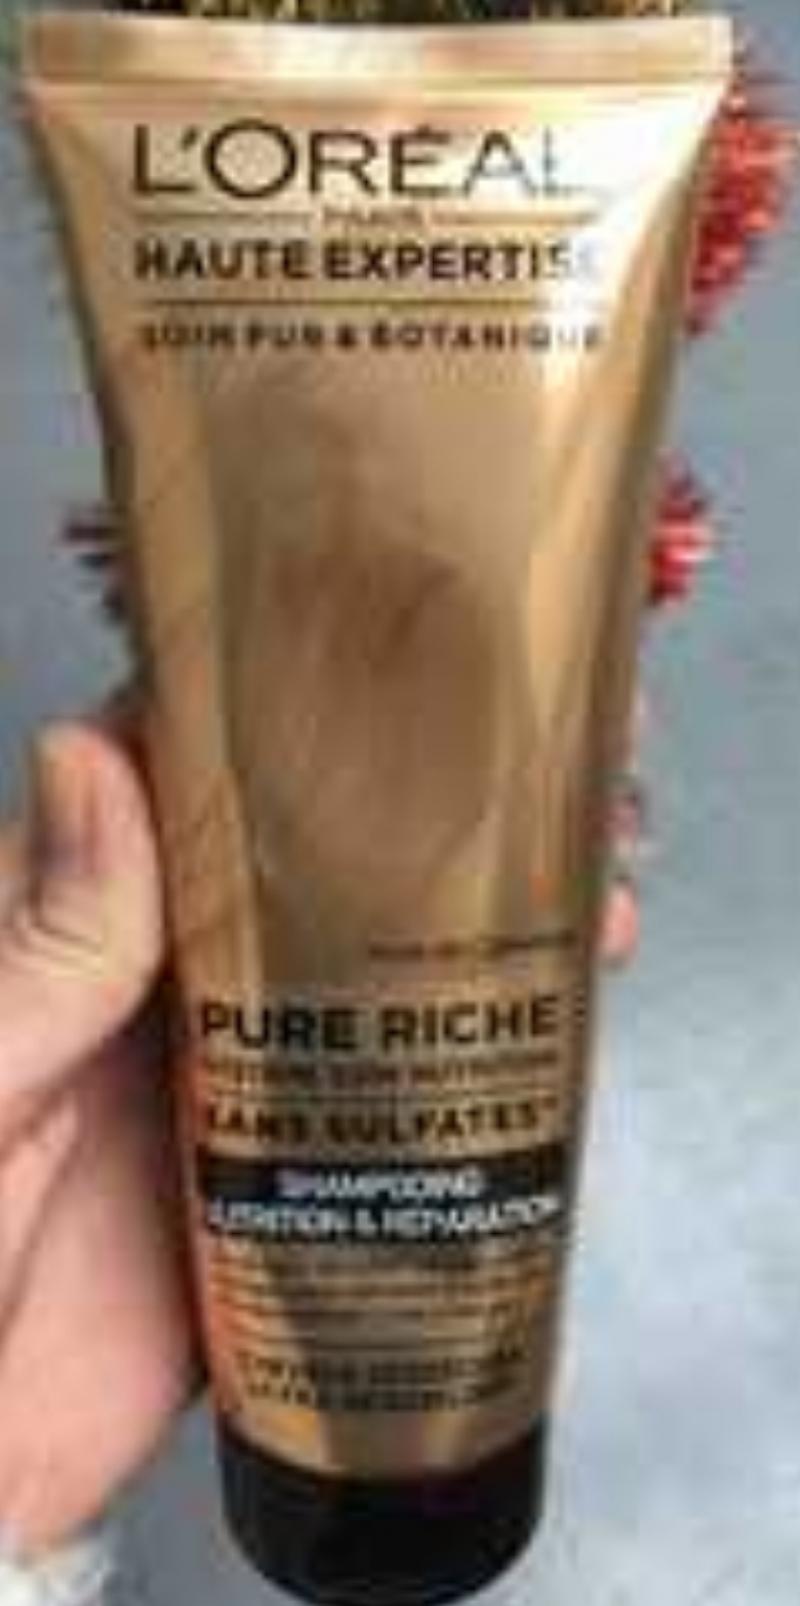 Swatch EverRiche - Shampooing Nutrition et Réparation, L'Oréal Paris